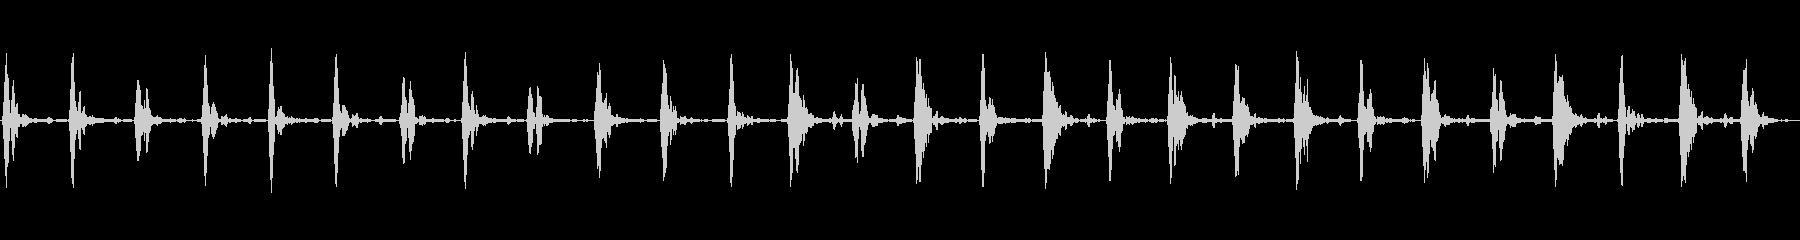 ホラーなどに適した低めの心臓の鼓動③の未再生の波形